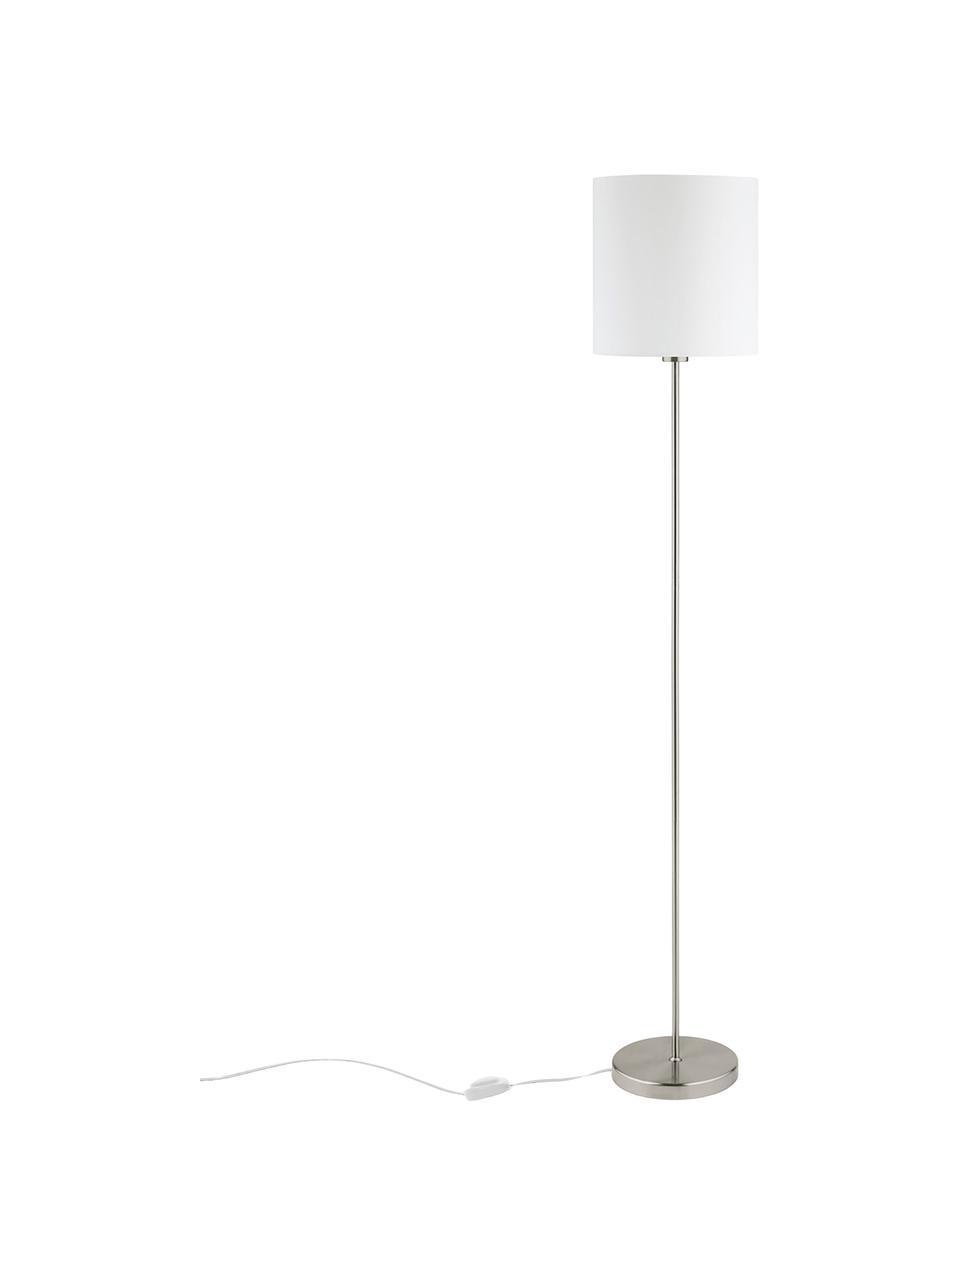 Stehlampe Mick in Weiß-Silber, Lampenschirm: Textil, Lampenfuß: Metall, vernickelt, Weiß,Silberfarben, Ø 28 x H 158 cm